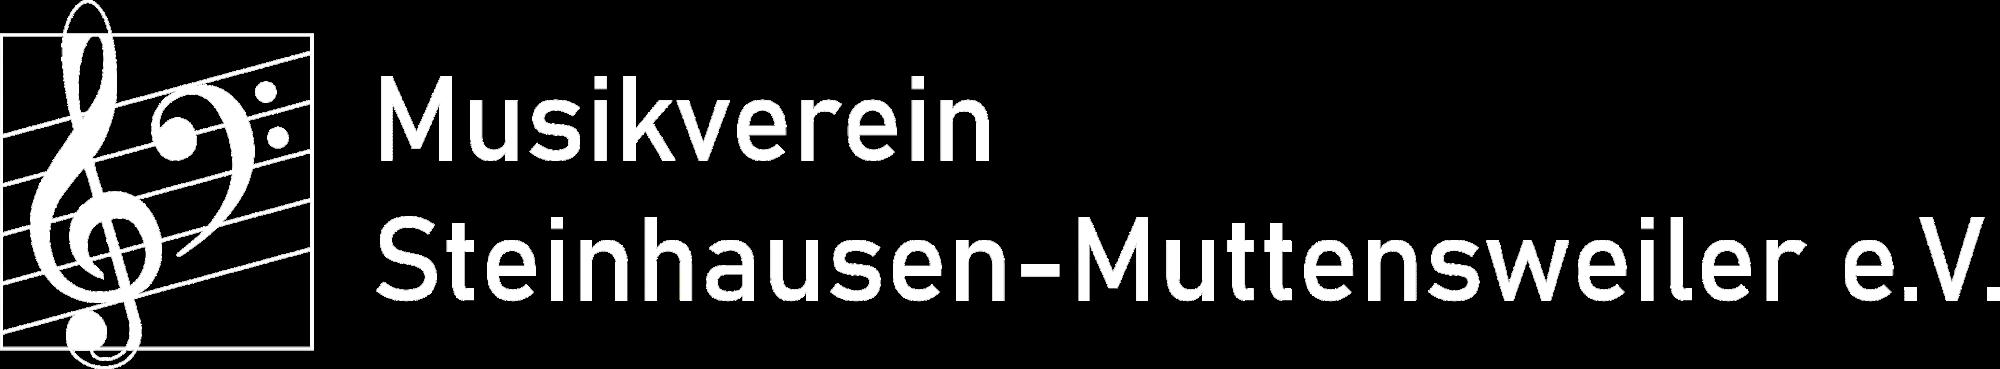 Musikverein Steinhausen-Muttensweiler e.V.